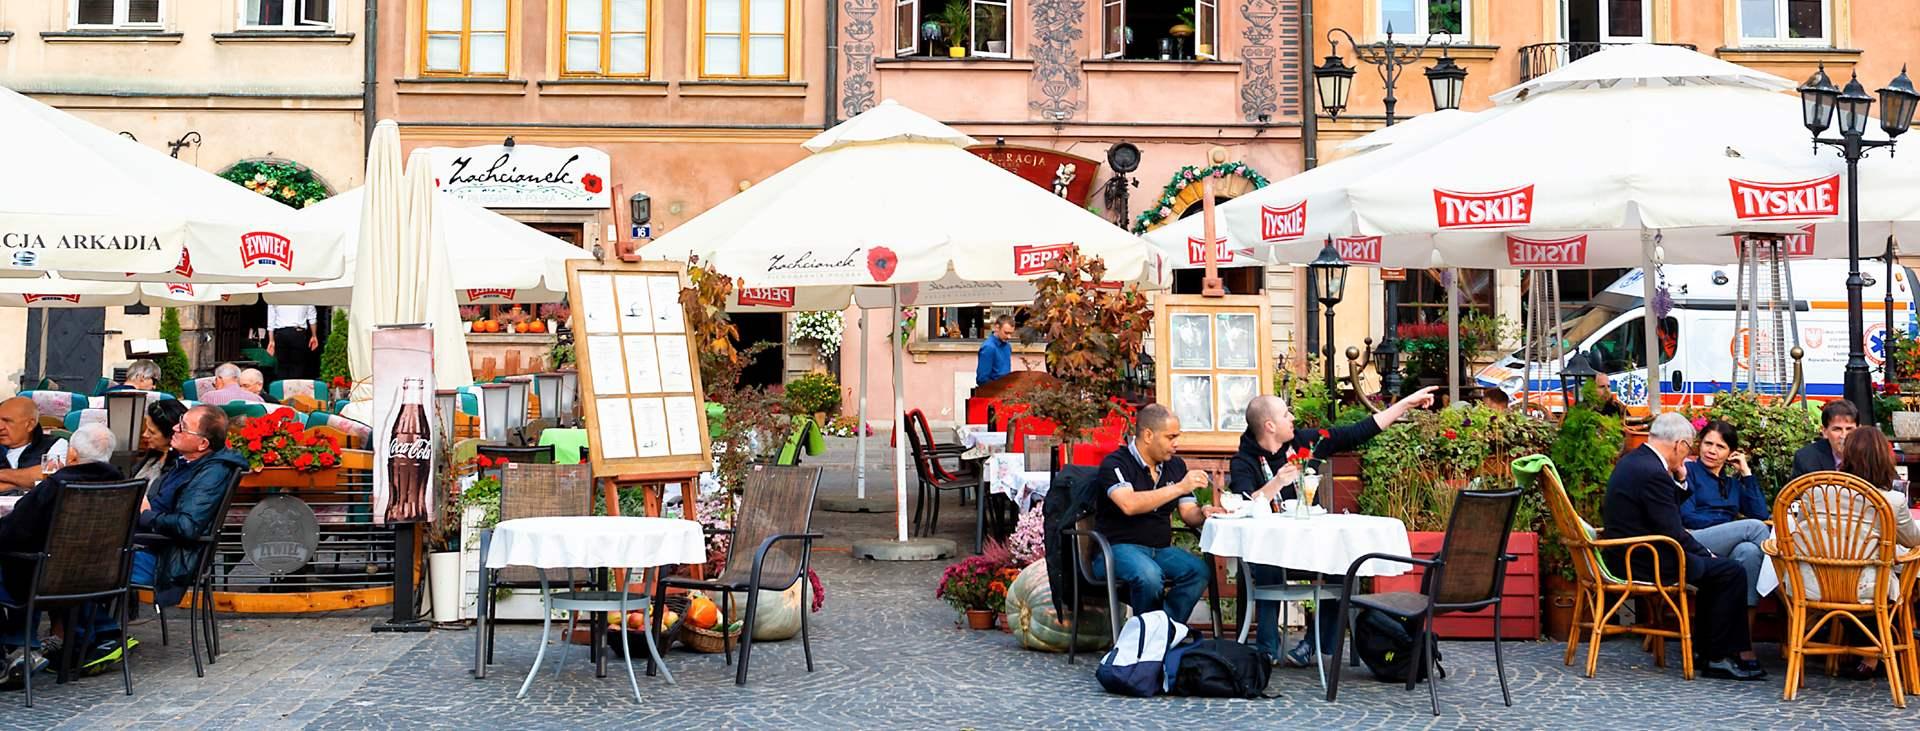 Bestill en weekendreise med fly og hotell til Polen